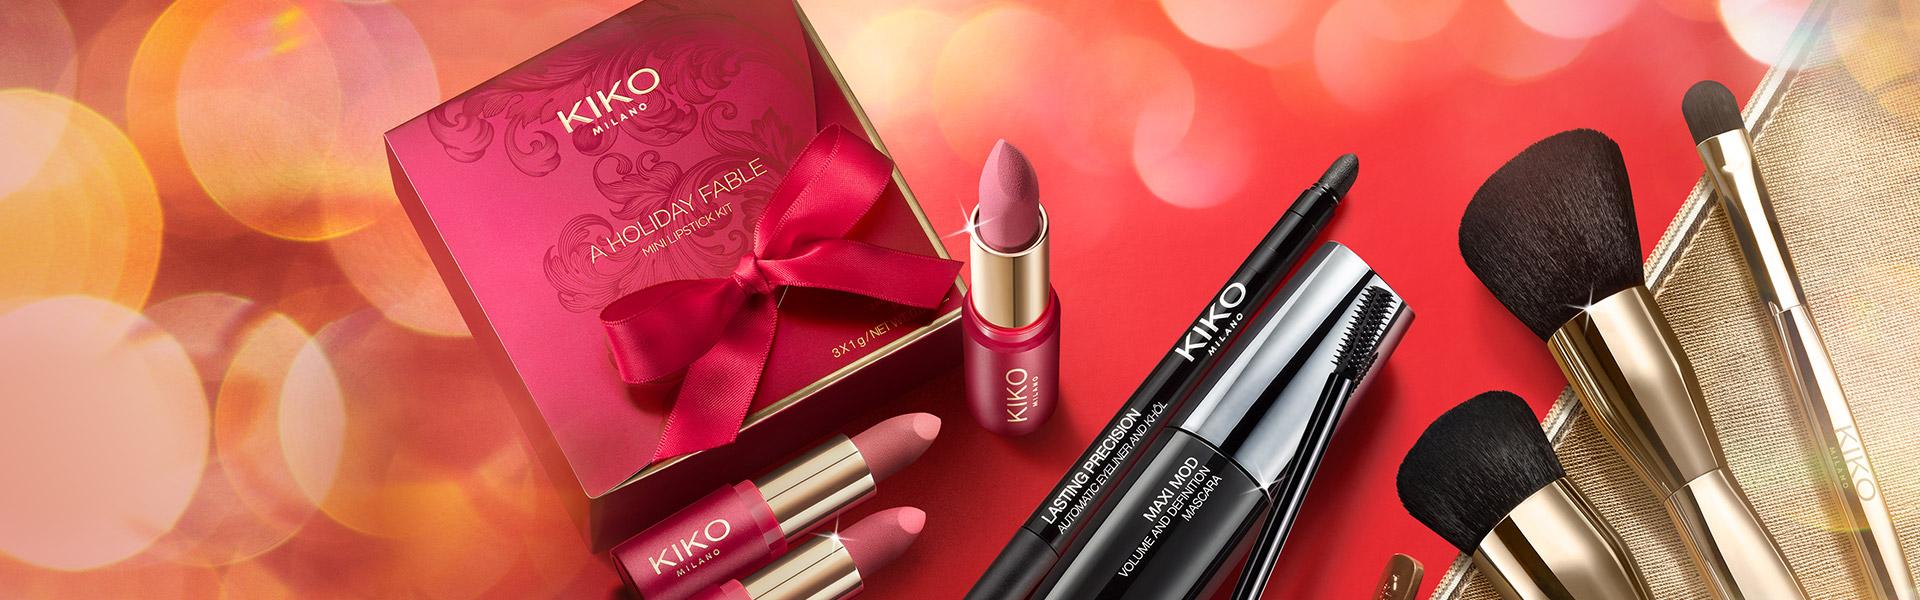 KIKO Milano   Make up für Augen, Gesicht und Lippen sowie ...